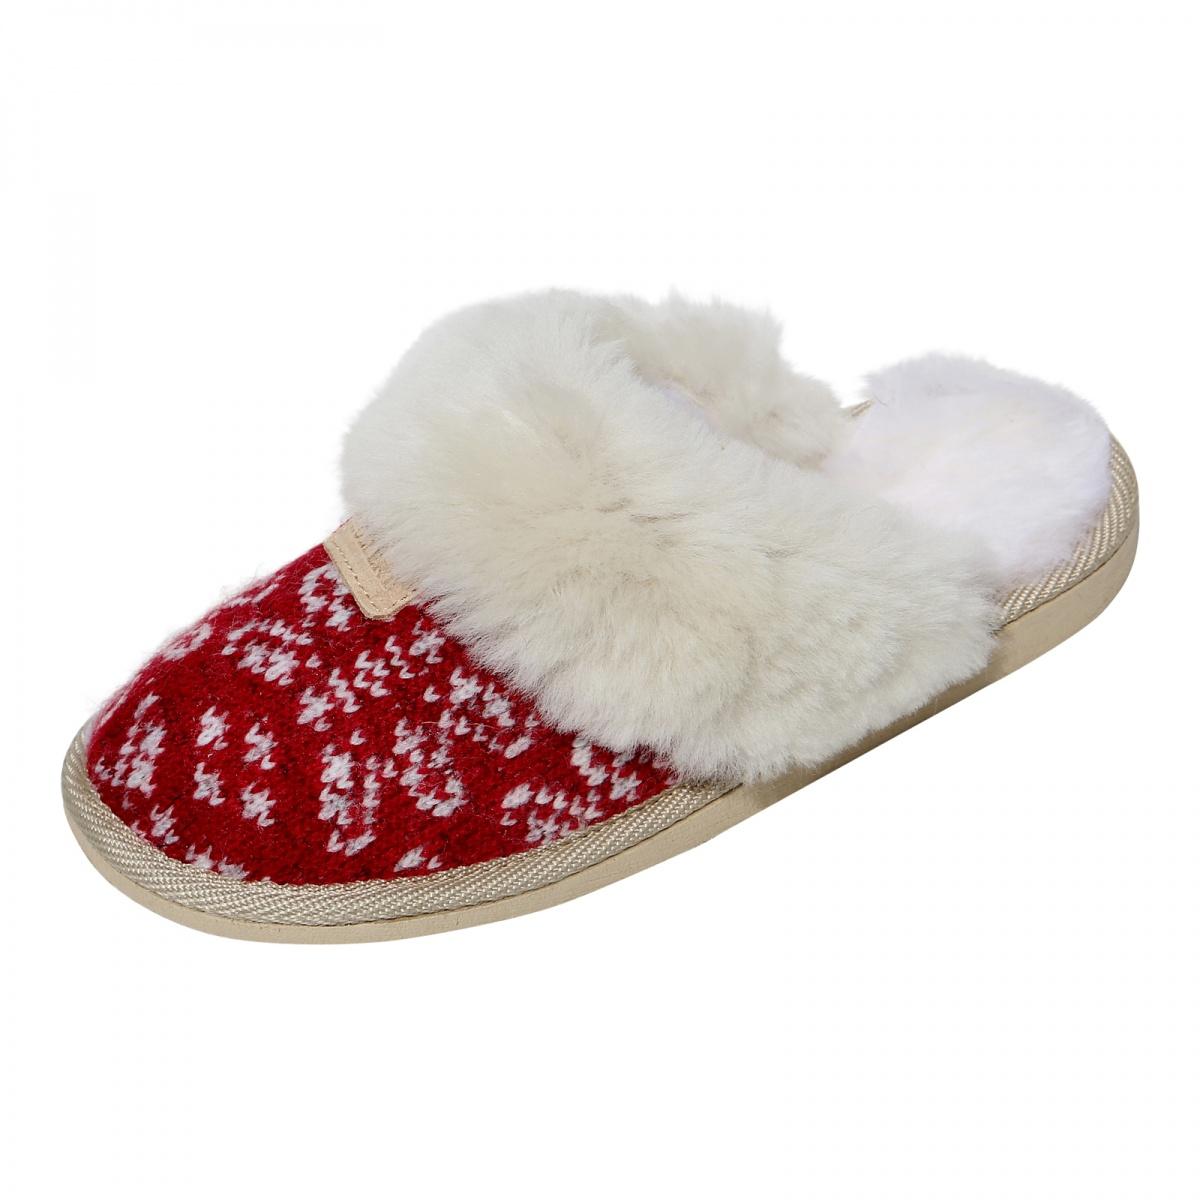 Damen Lammfell Pantoffeln Hausschuhe B-Ware echt Merino Schaffell